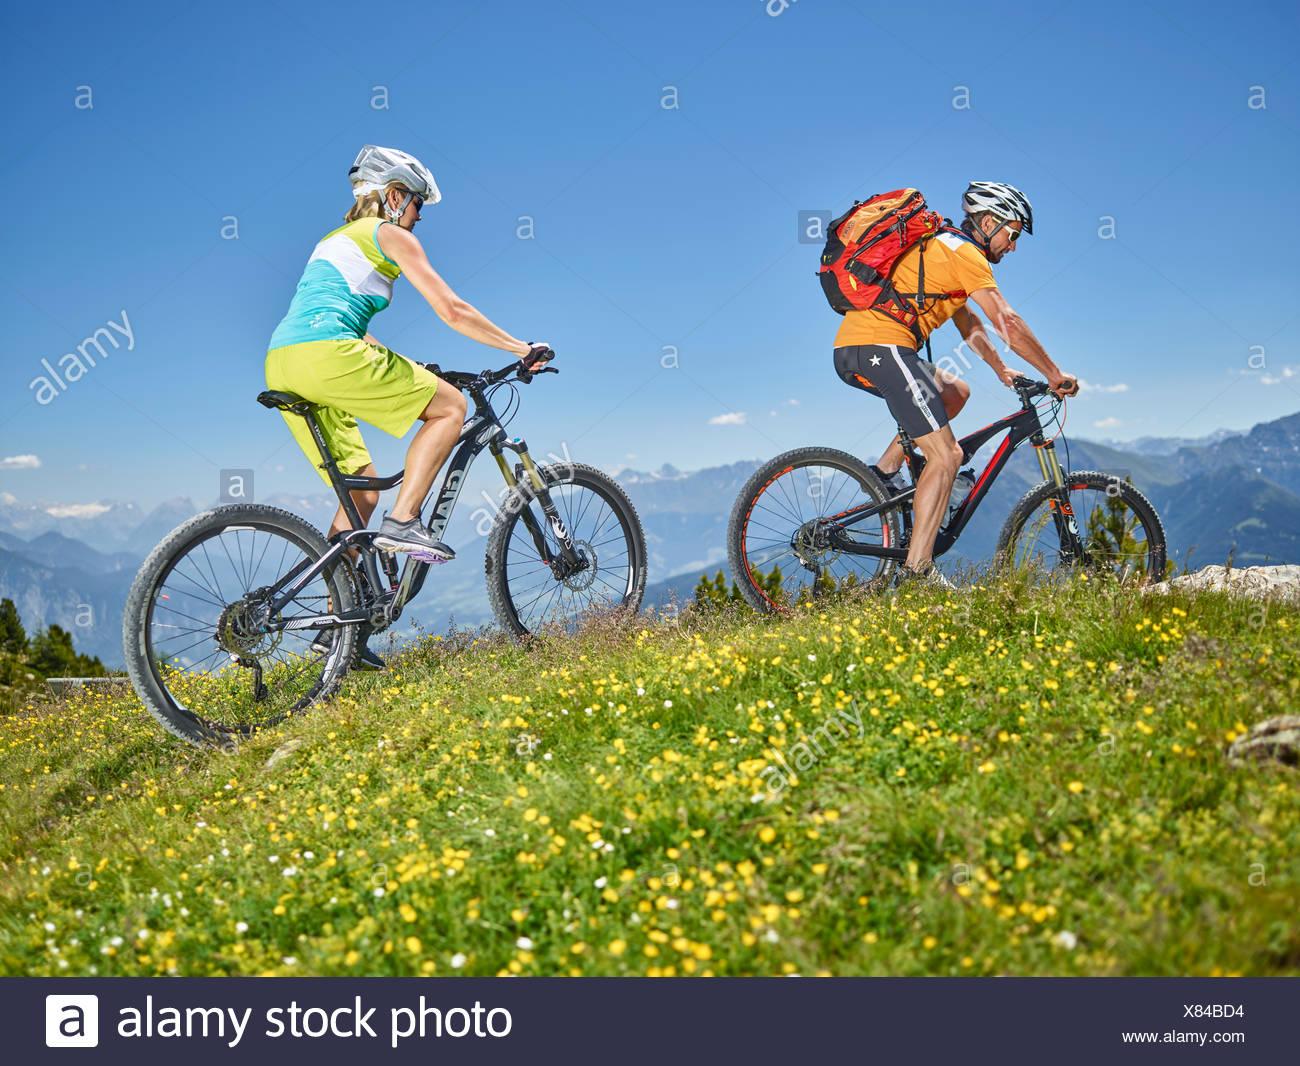 Hombre y mujer 40-45 AÑOS 35-40 años con los cascos de ciclo con sus bicicletas de montaña, Zirbenweg, Patscherkofel, Innsbruck, Tirol Imagen De Stock